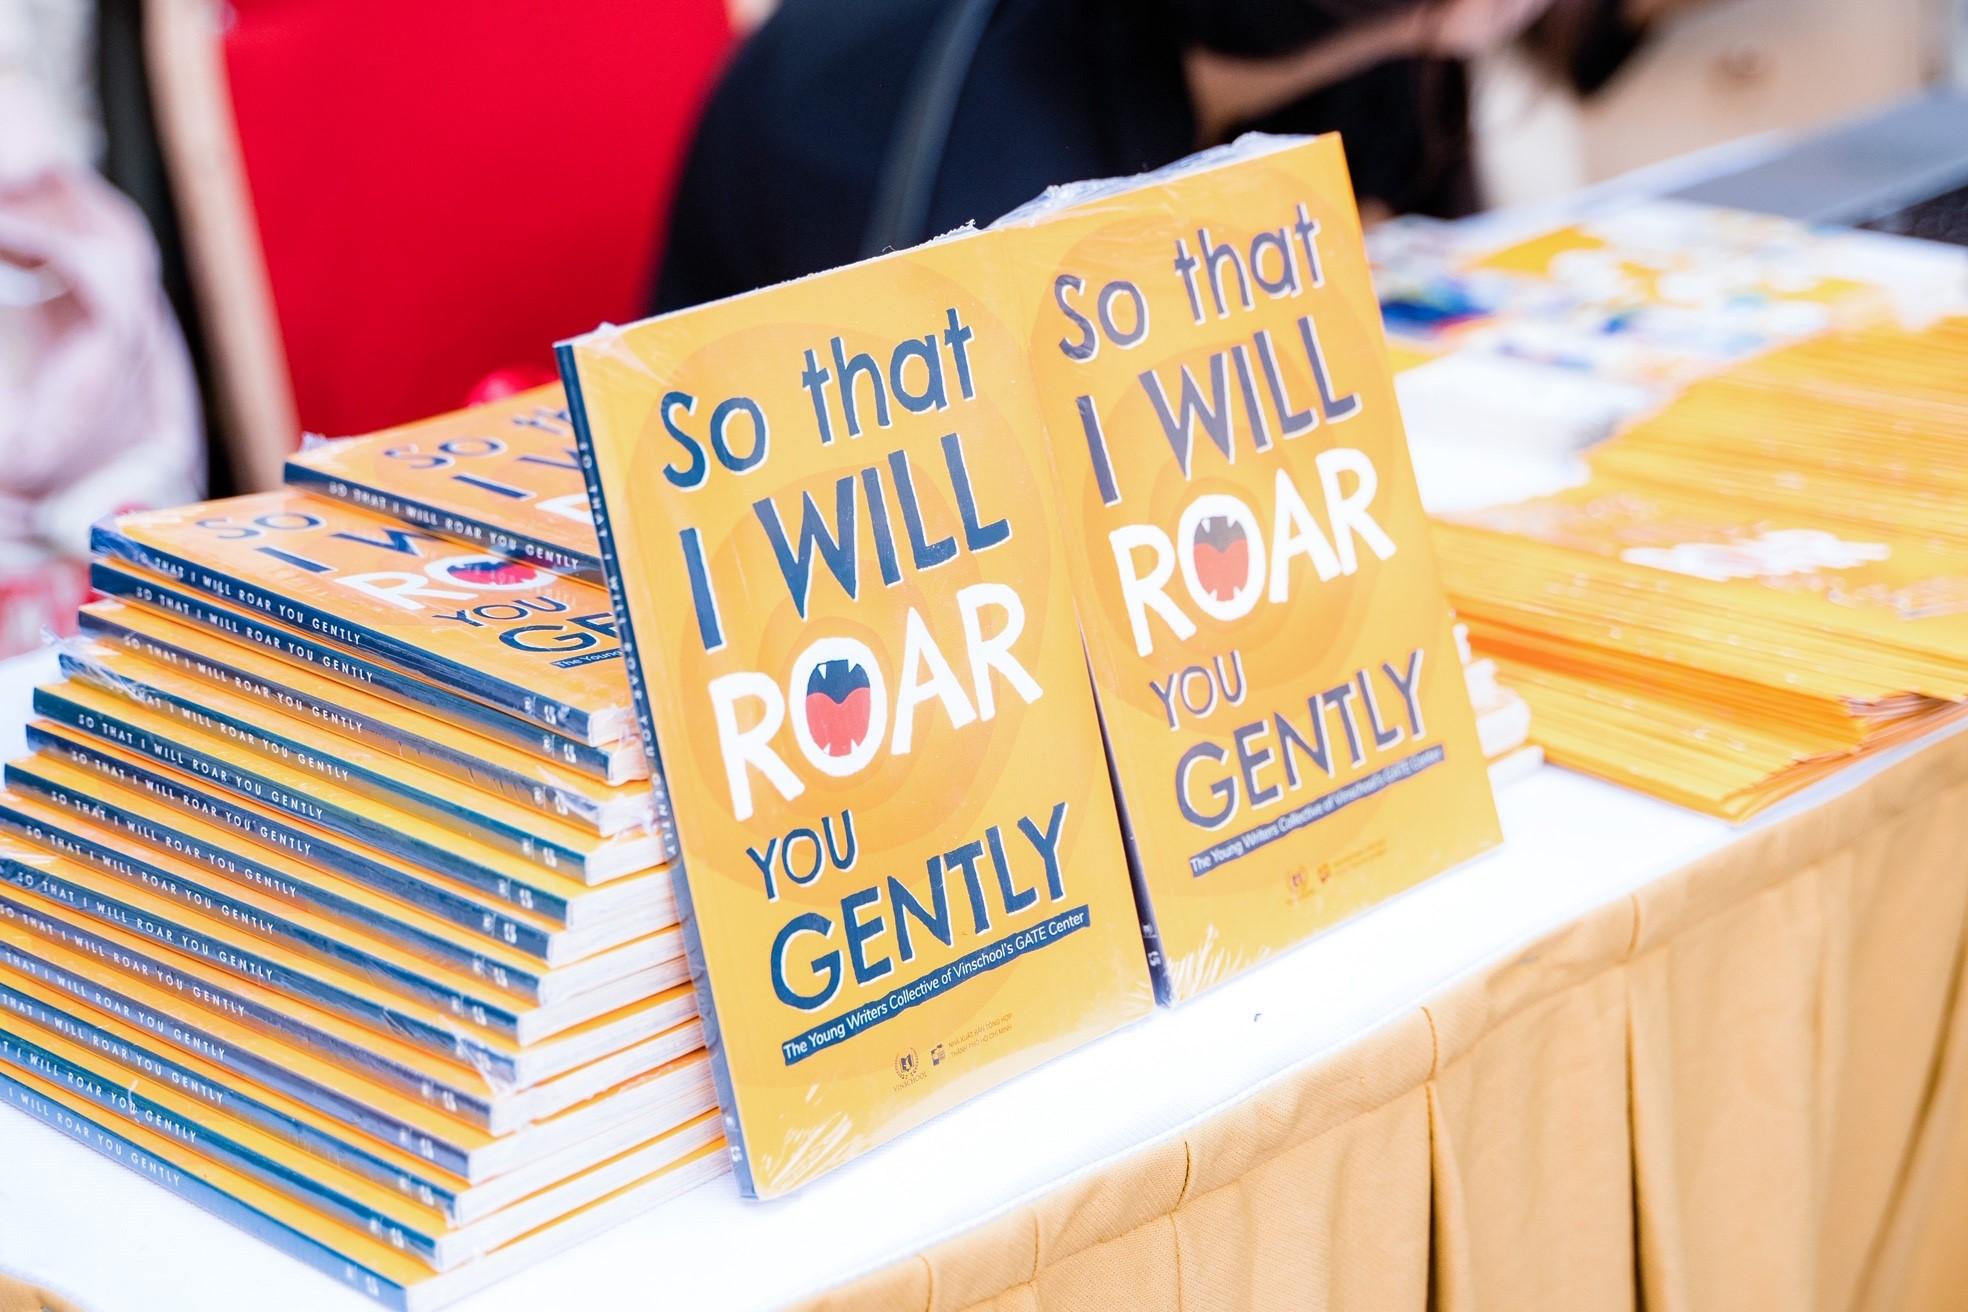 Ra mắt cuốn sách đầu tay được viết bằng tiếng Anh của học sinh Vinschool - Ảnh 1